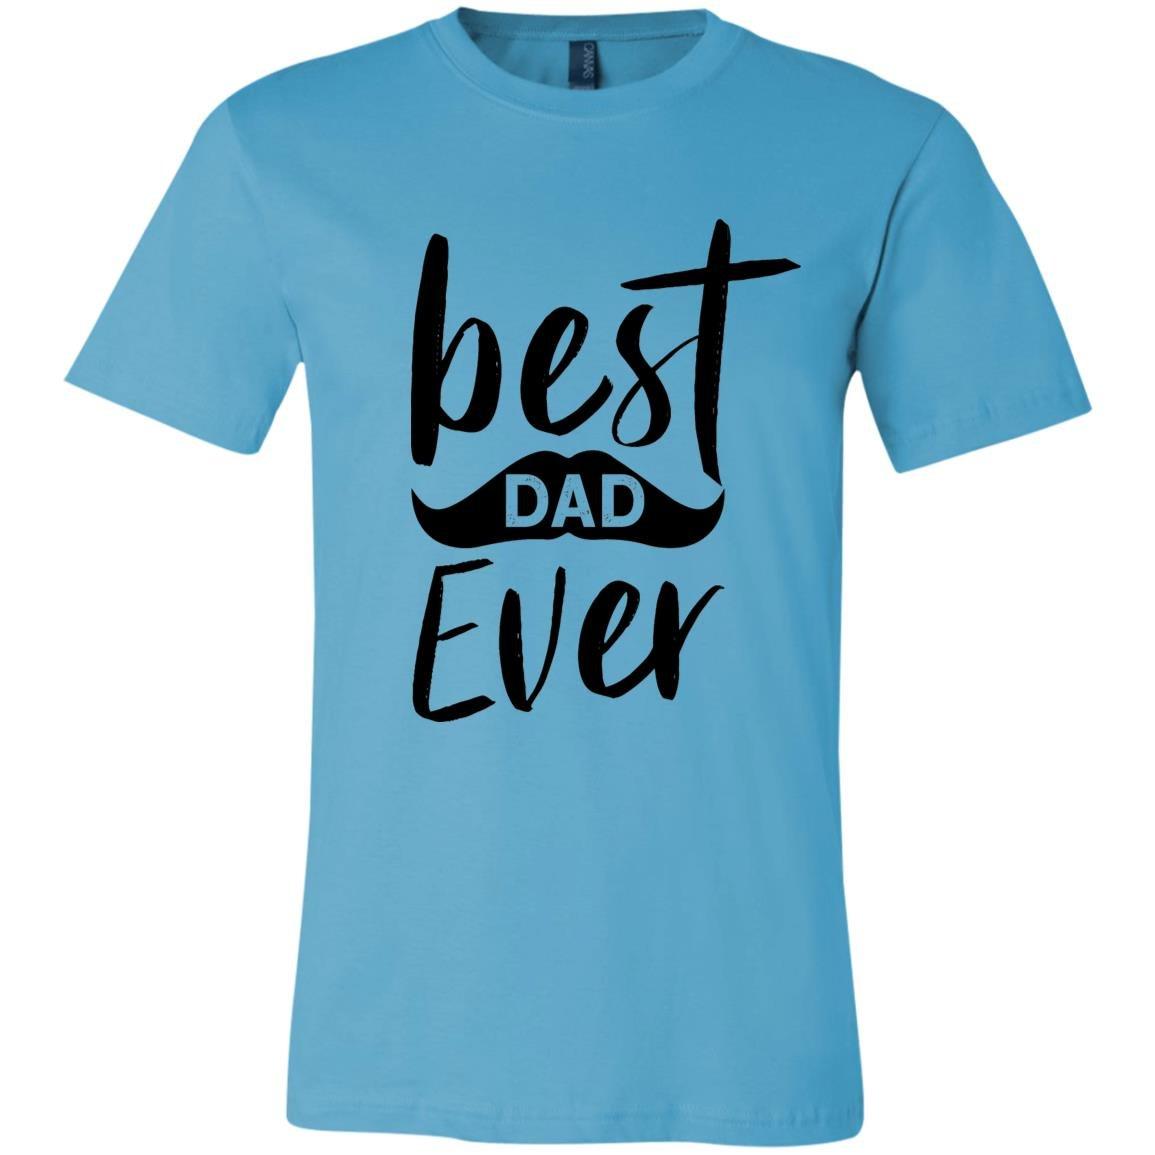 Best Dad Ever Unisex Jersey SS T-Shirt